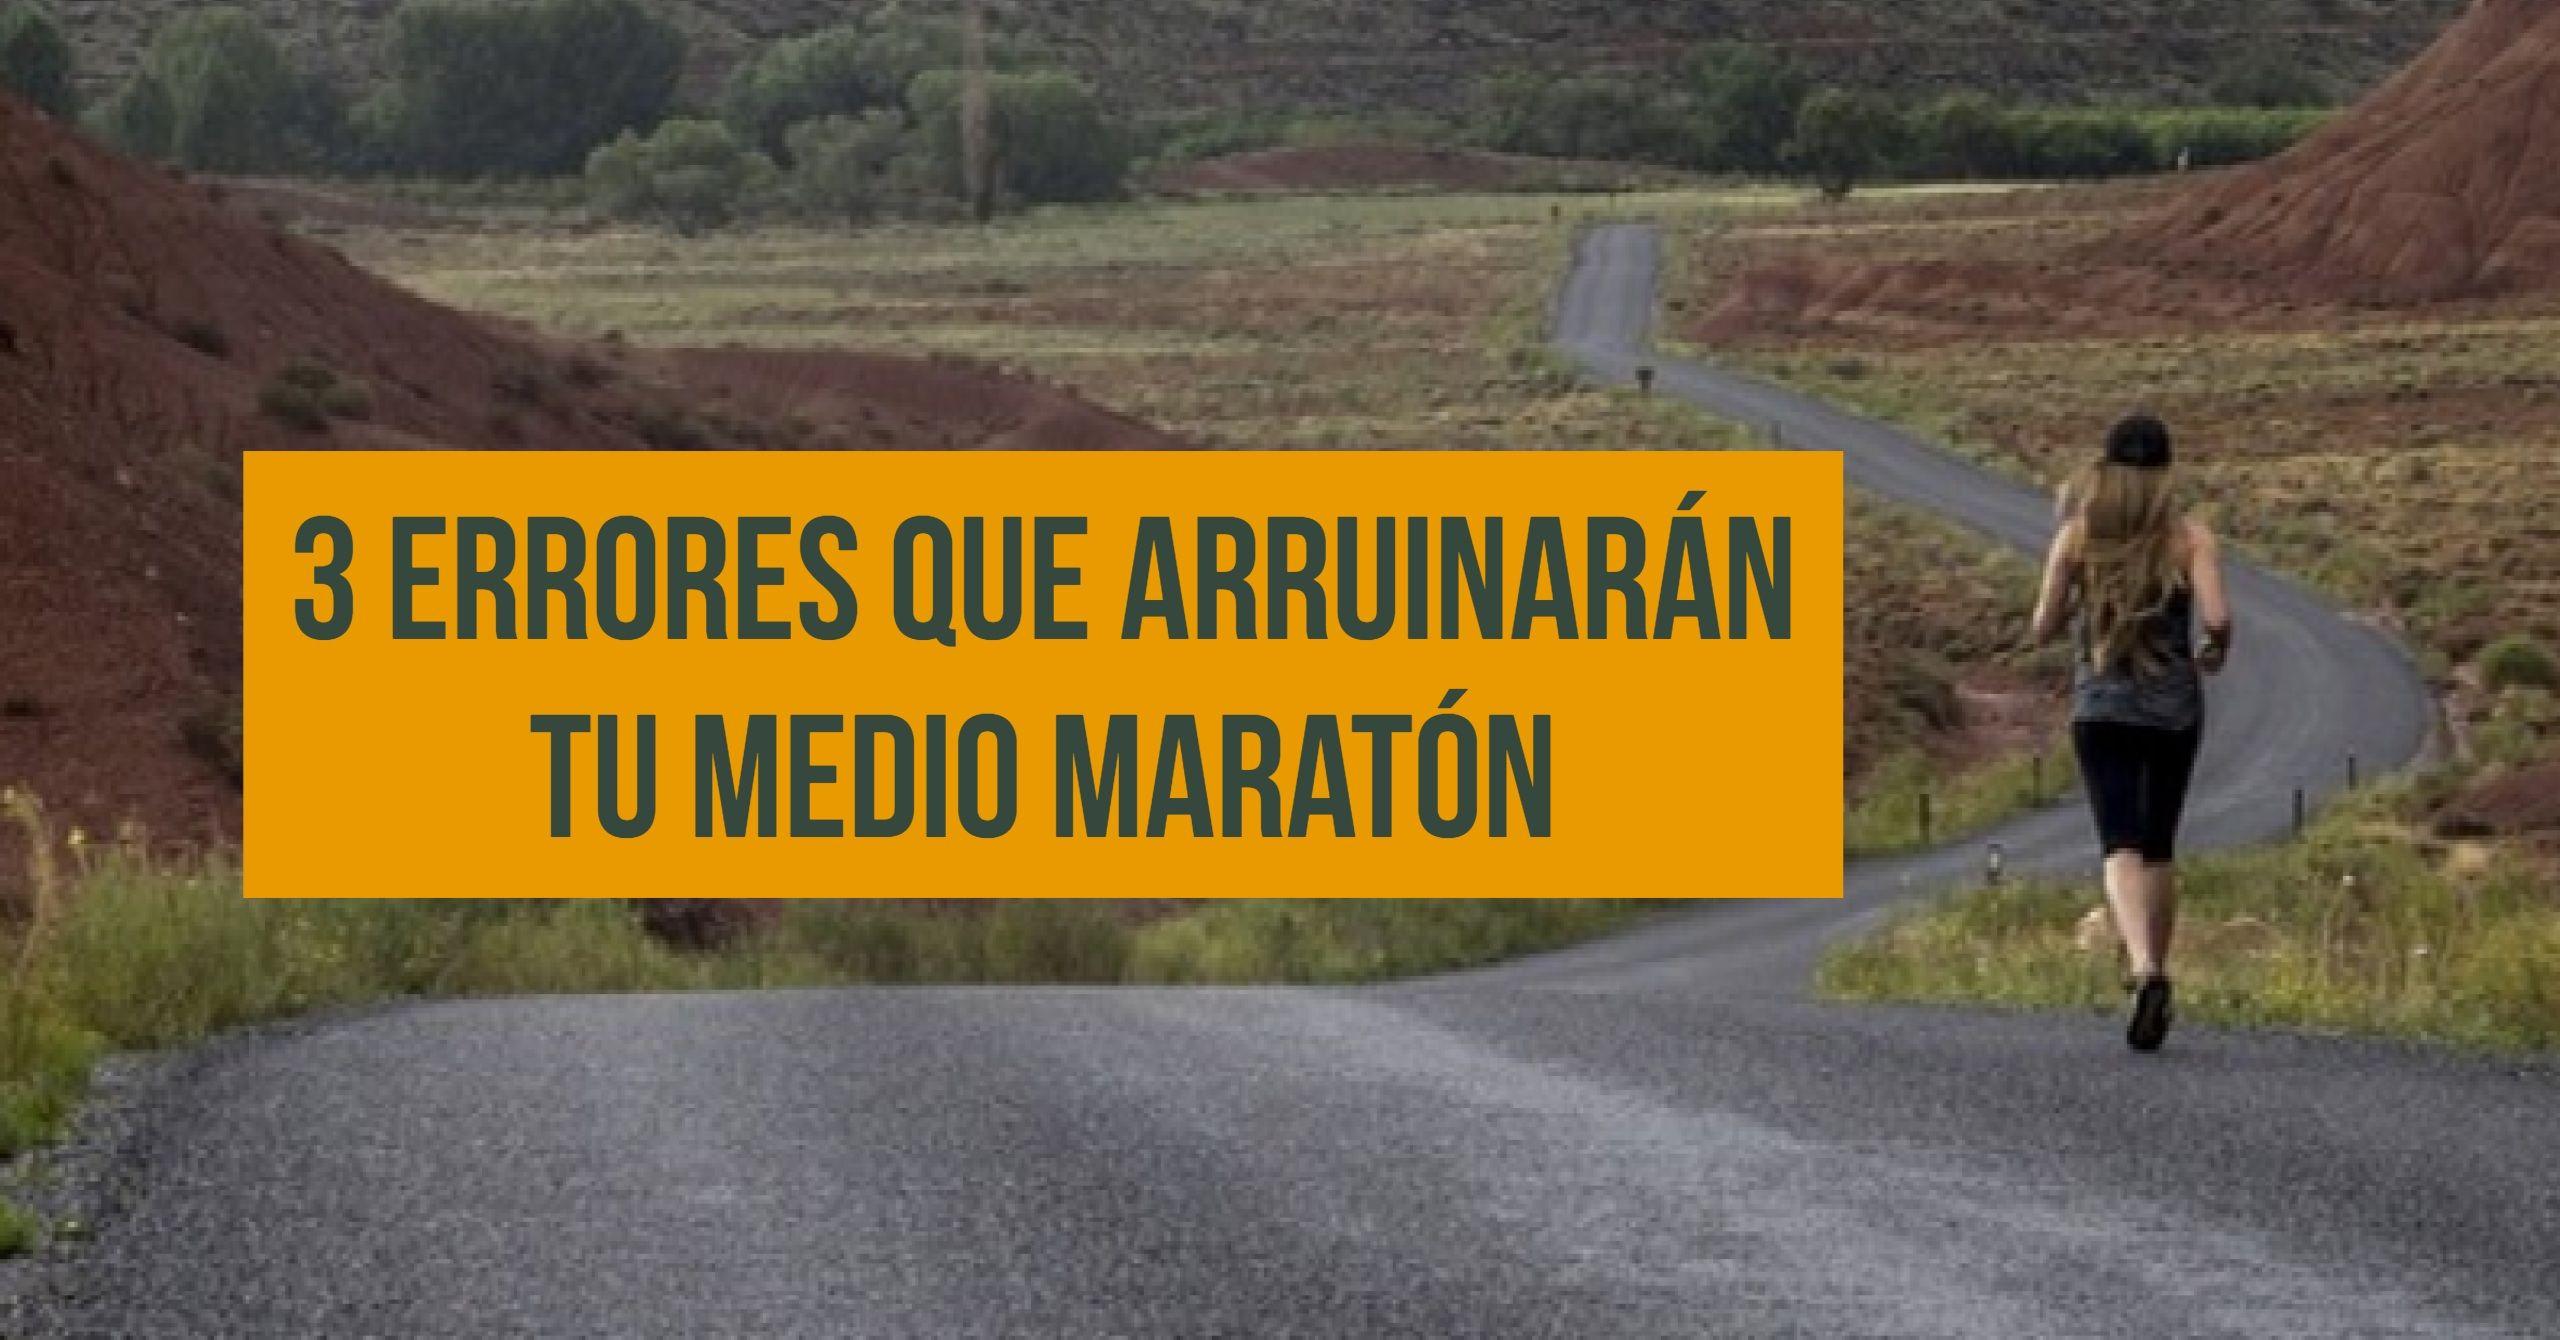 errores medio maratón